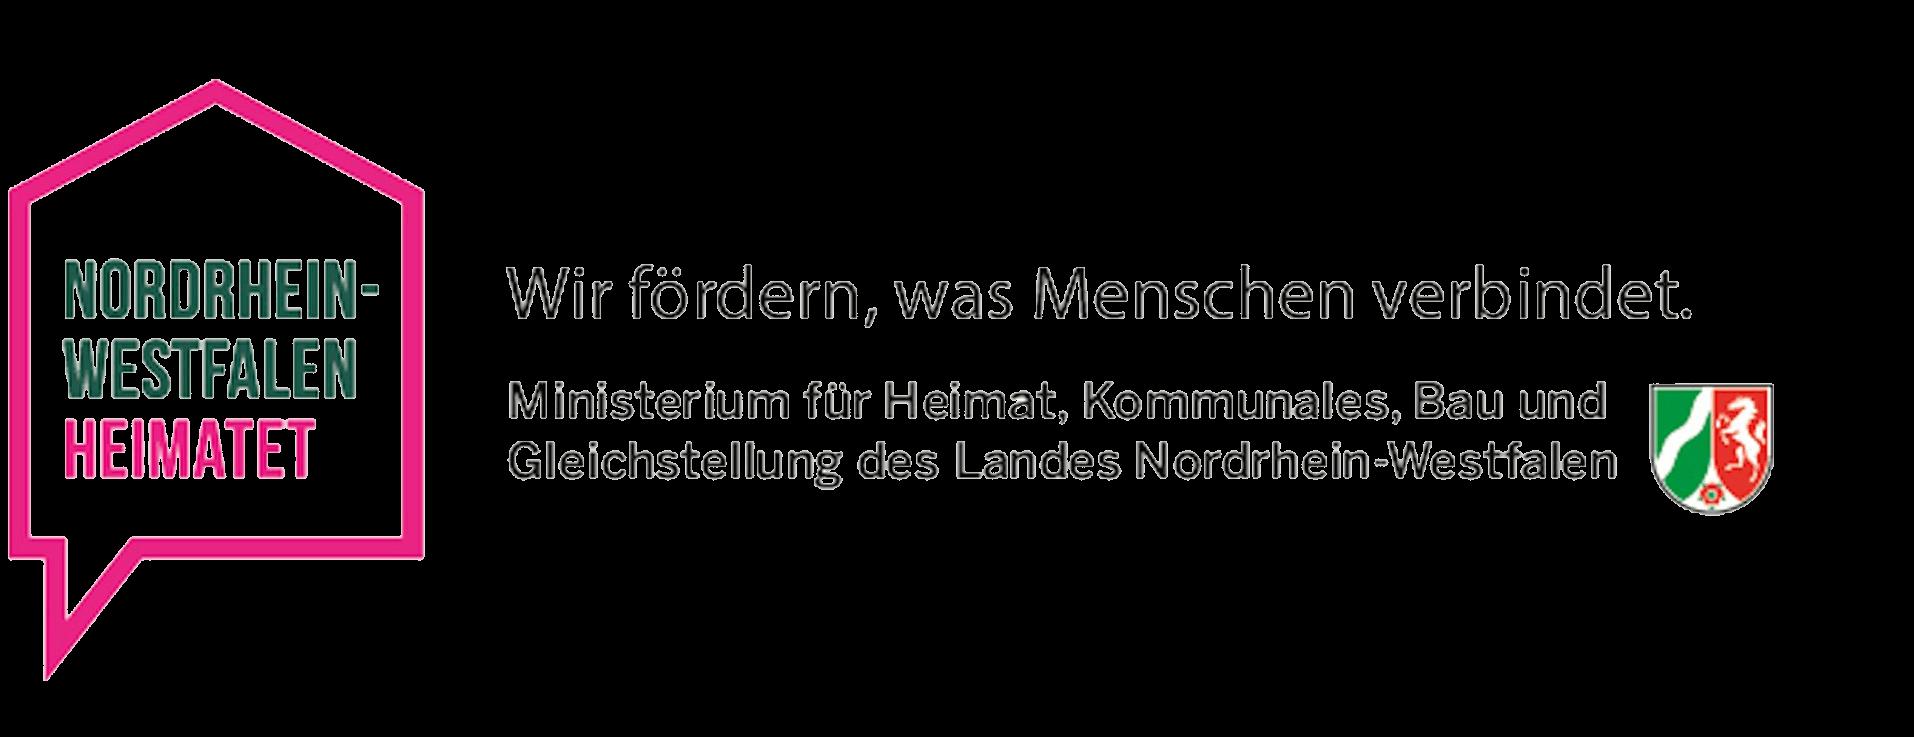 Logo Ministerium für Heimat, Kommunales, Bau und Gleichstellung des Landes Nordrhein-Westfalen